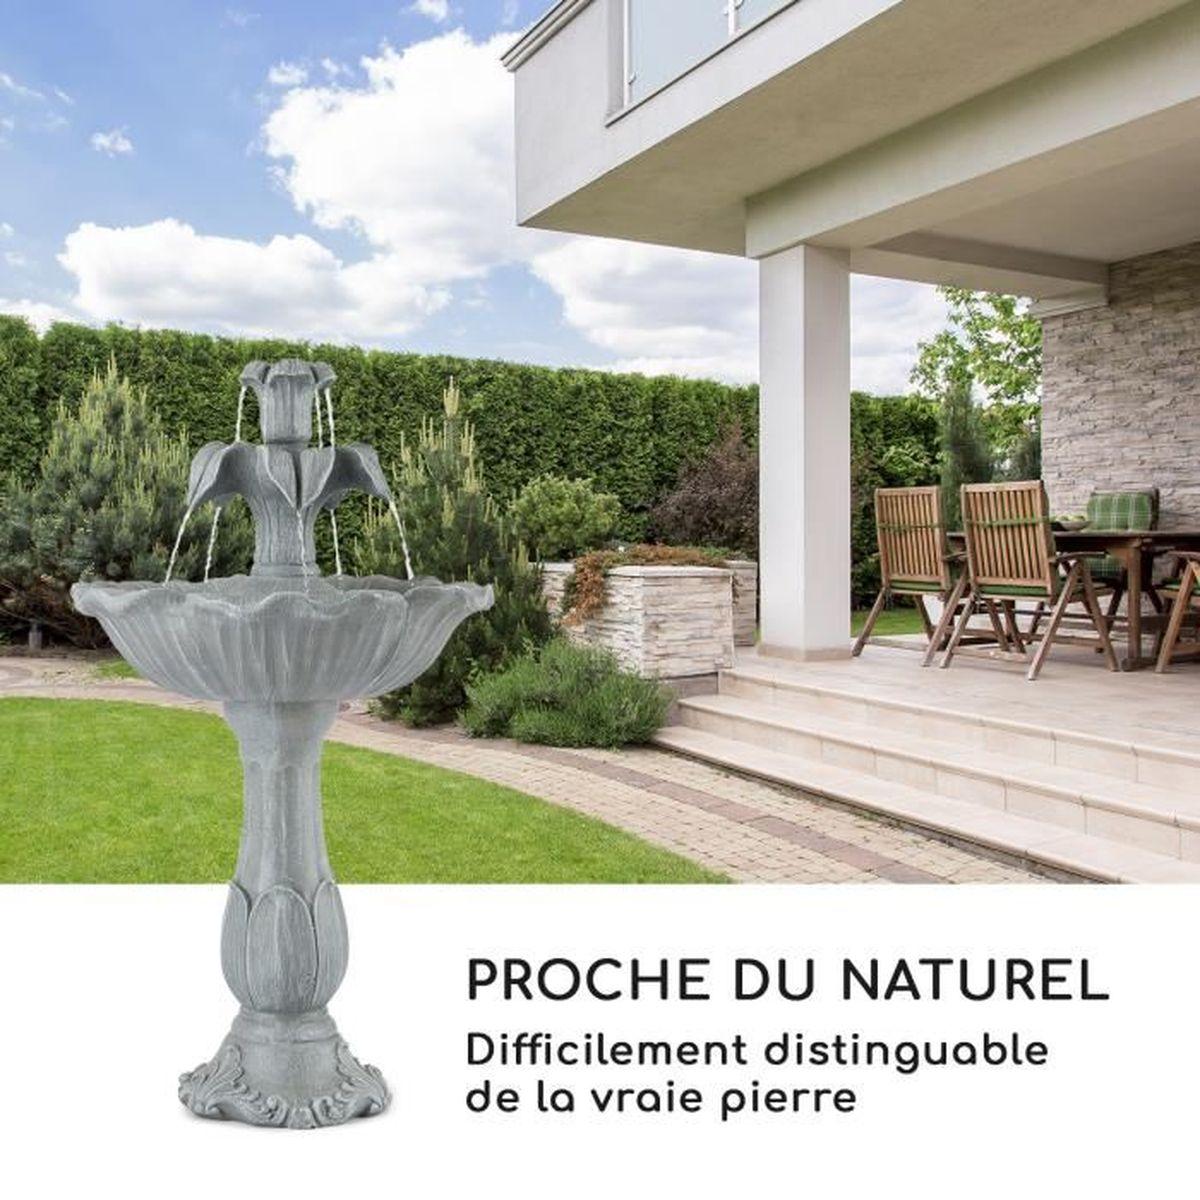 Bassin De Jardin Design Zen blumfeldt floreal fontaine de jardin en polyrésine - décoration zen pour  intérieur ou extérieur - pompe 6w - ipx8 - aspect pierre